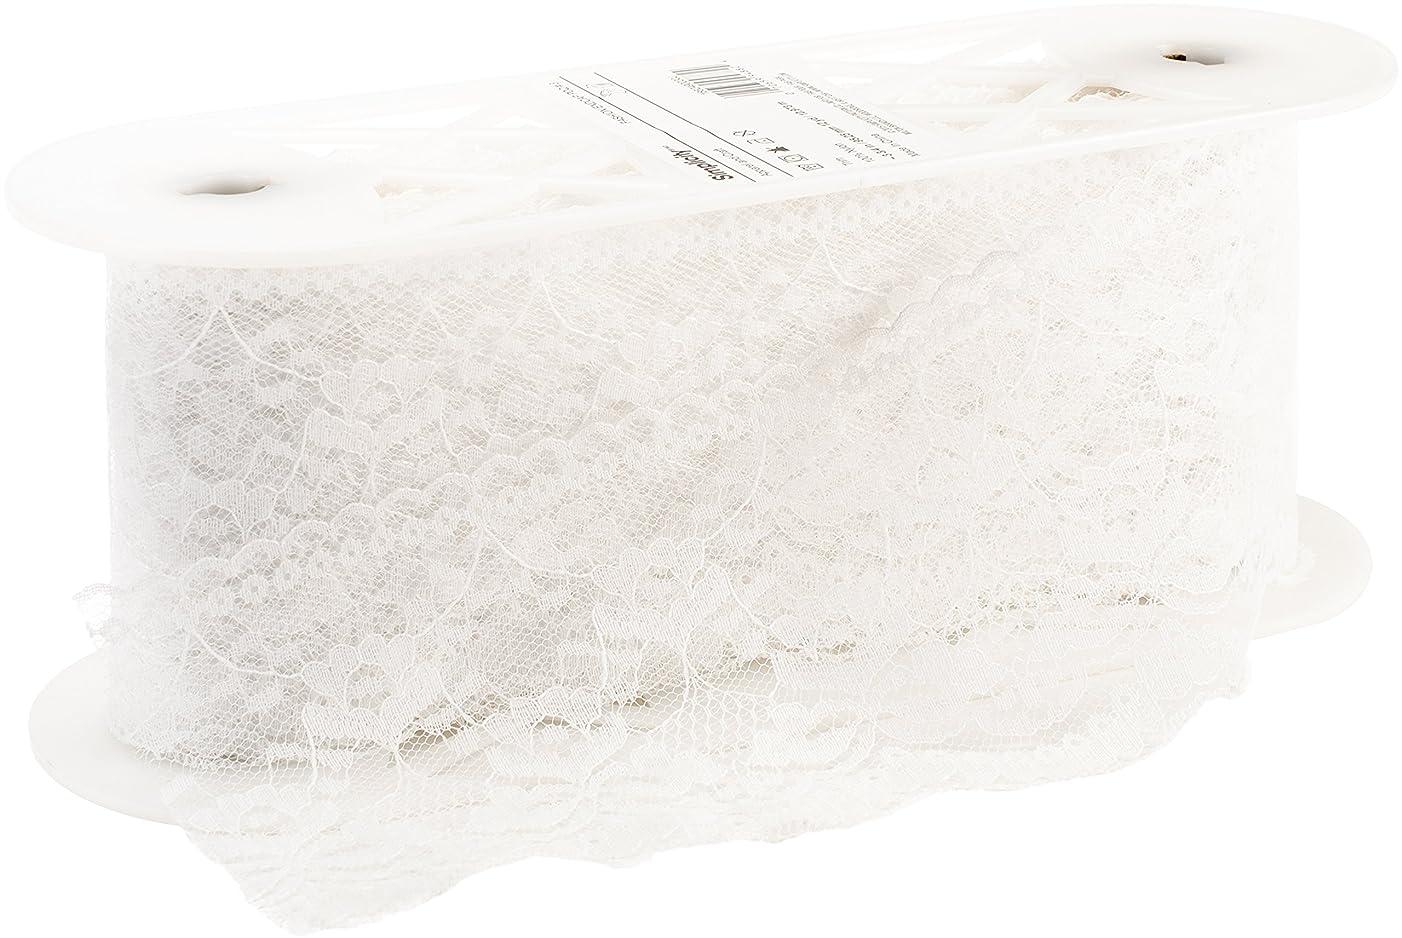 Wrights 1862490030J Scalloped Flat Lace, 3-3/4